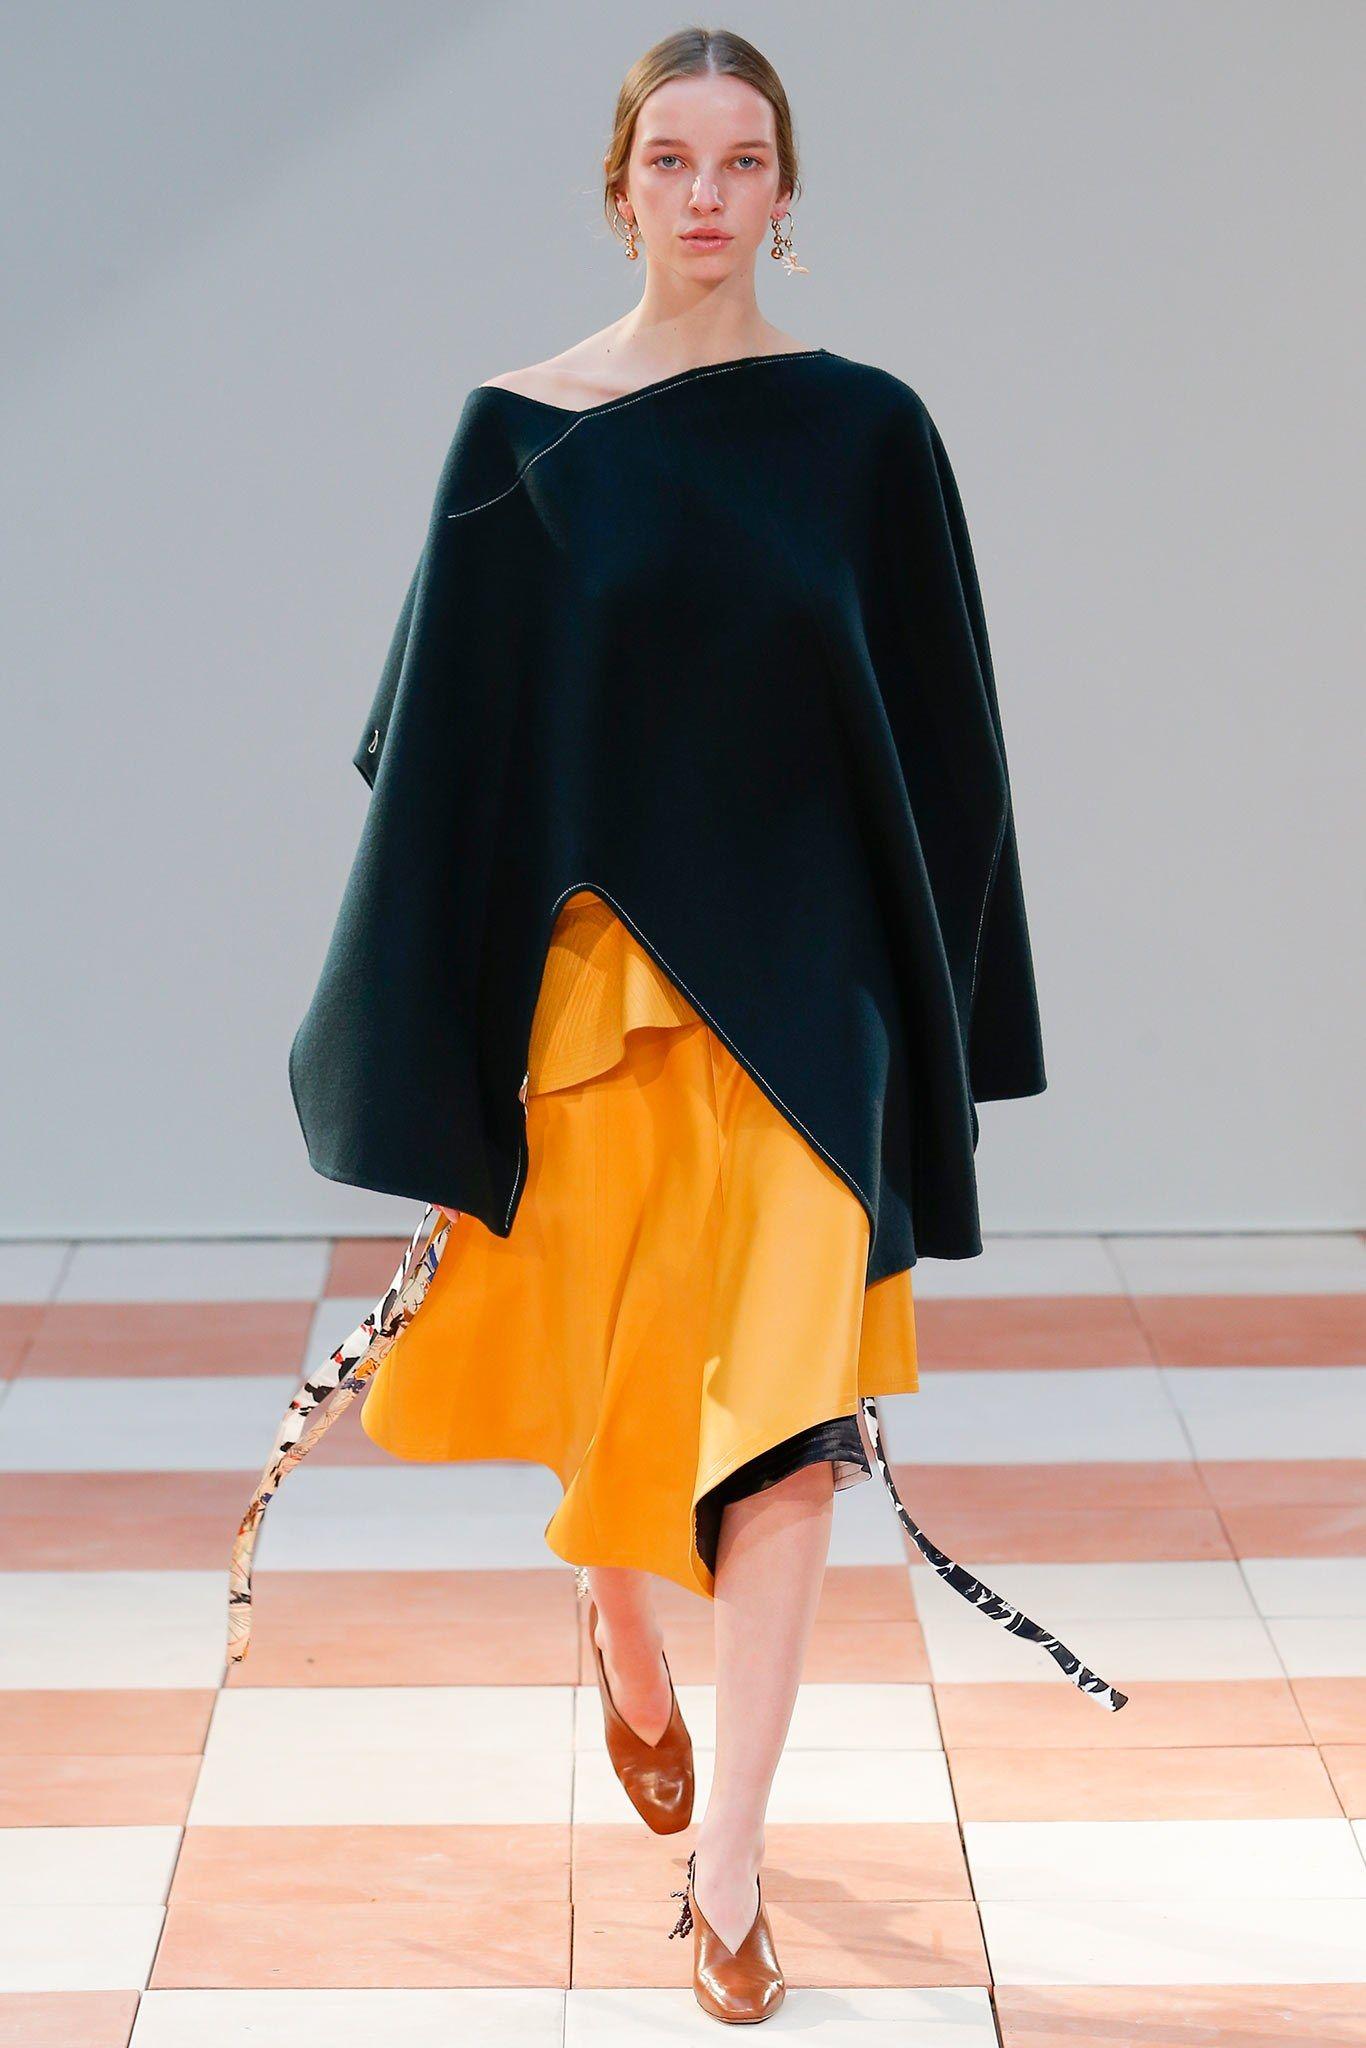 911d777d2ec6 Celine Fall 2015 Ready-to-Wear Fashion Show in 2019